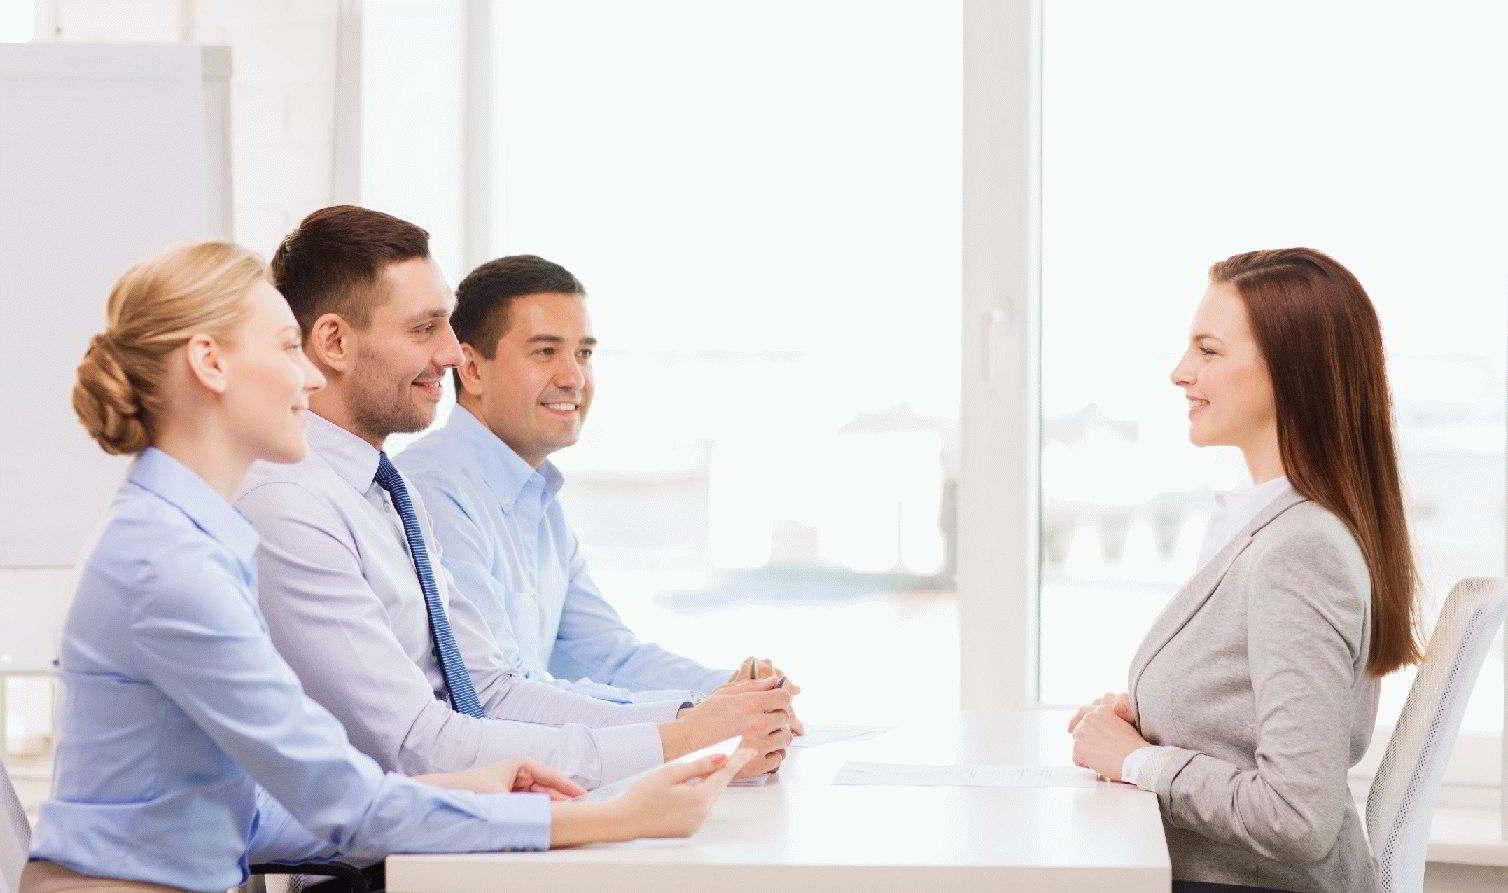 Что нужно говорить на собеседовании, чтобы взяли на работу?